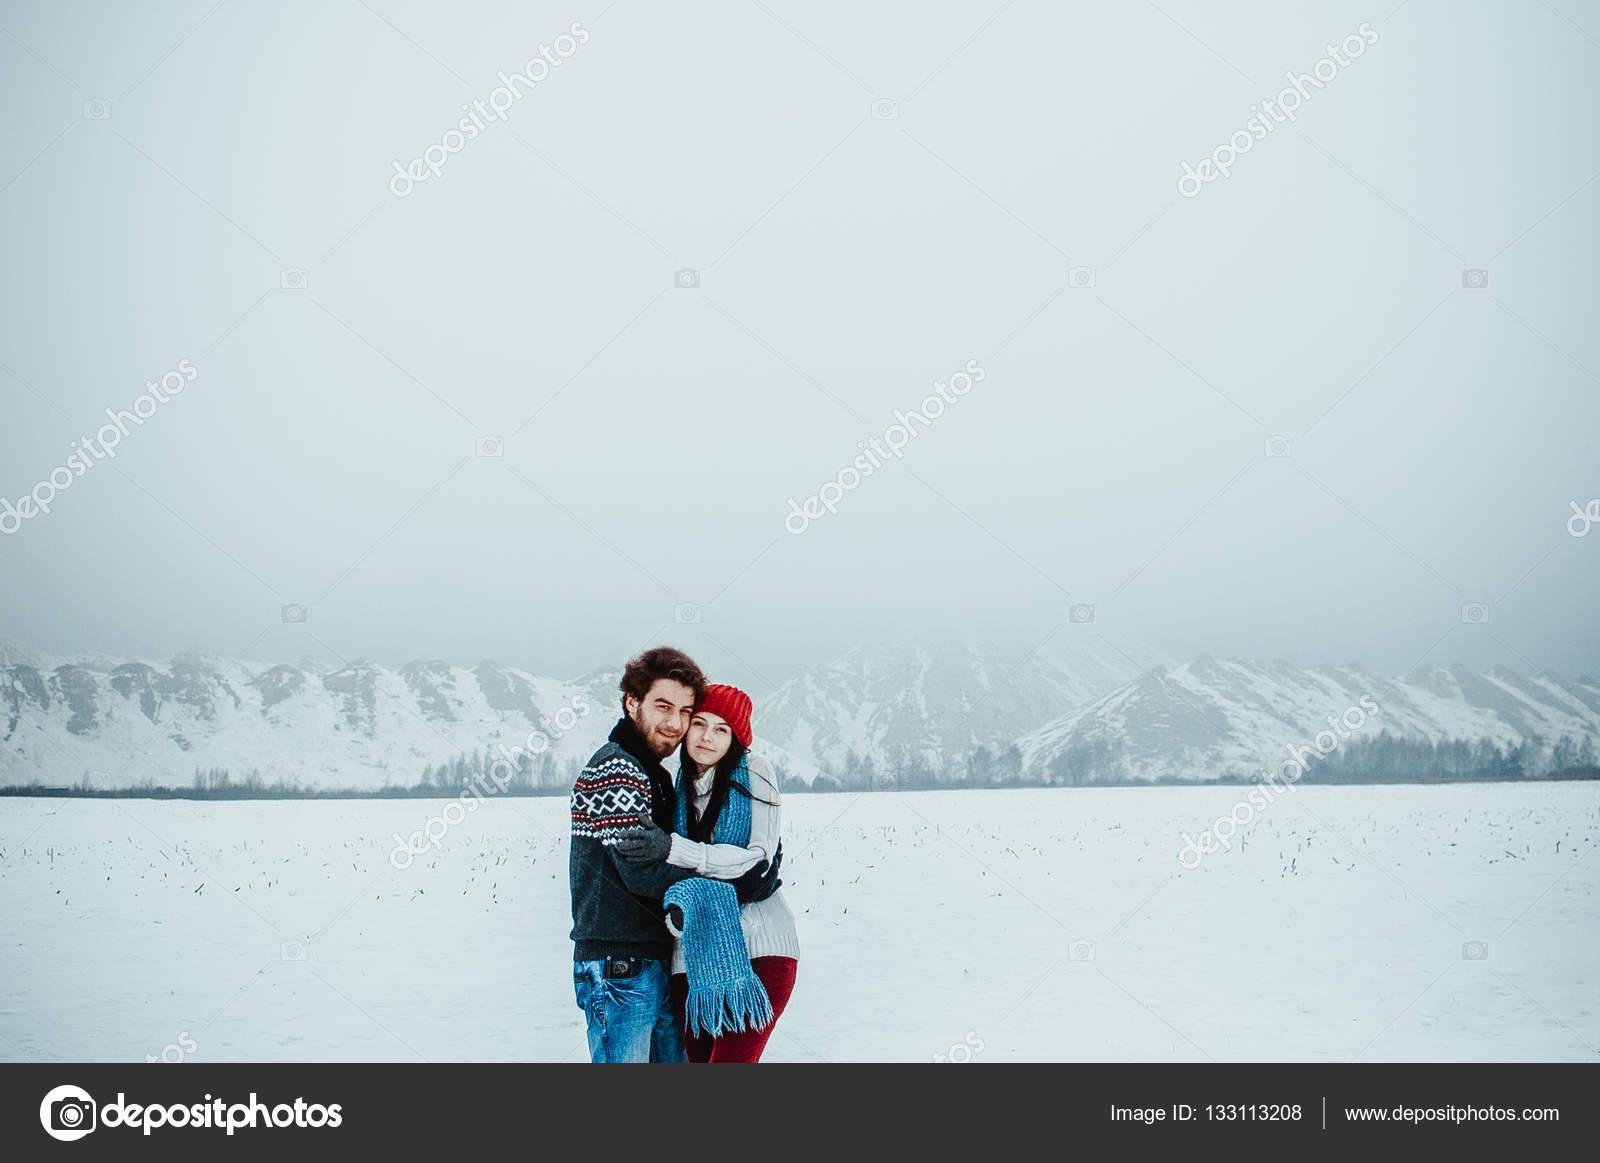 Фото парня с девушкой в горах